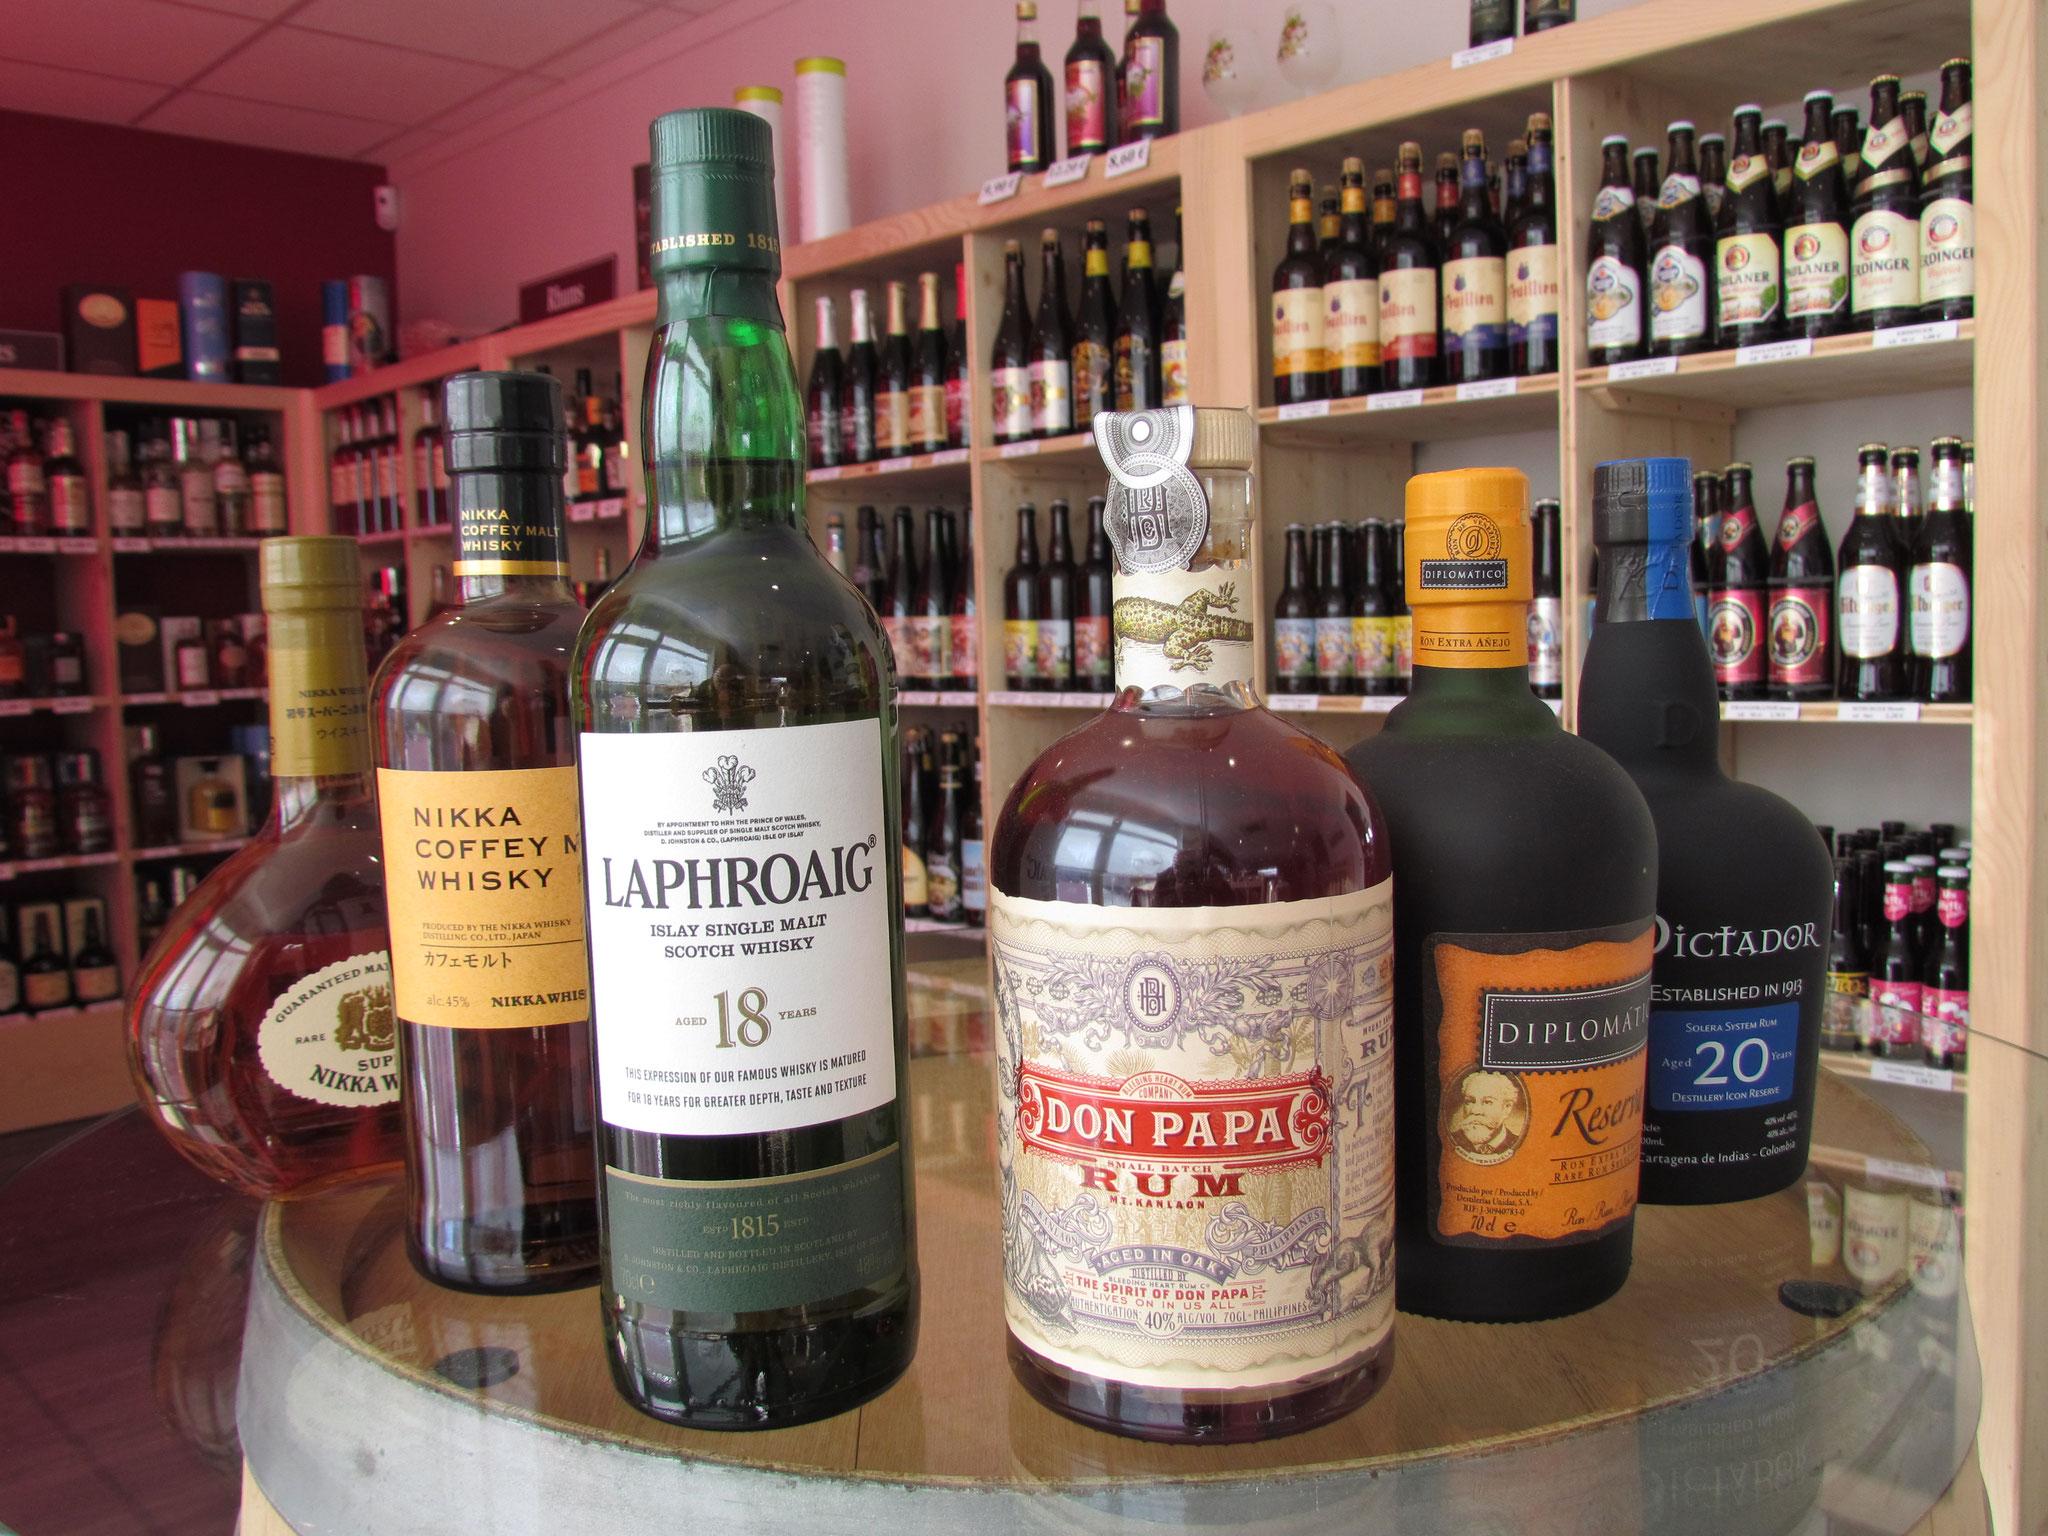 Voyage aux pays des Rhums et whiskies